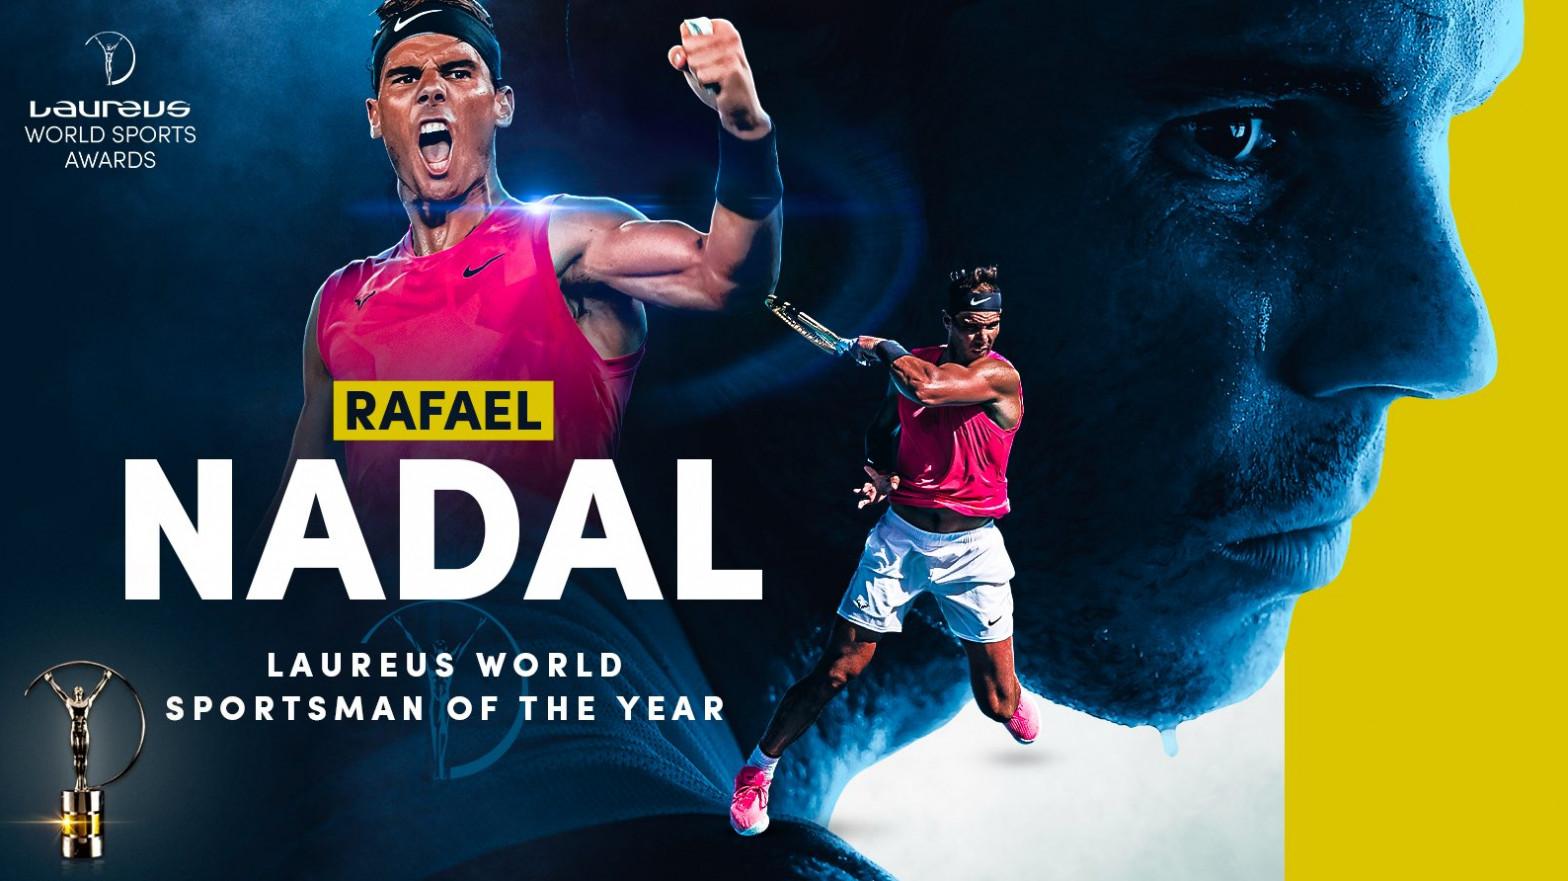 Rafael Nadal gana el Premio Laureus al mejor deportista del año